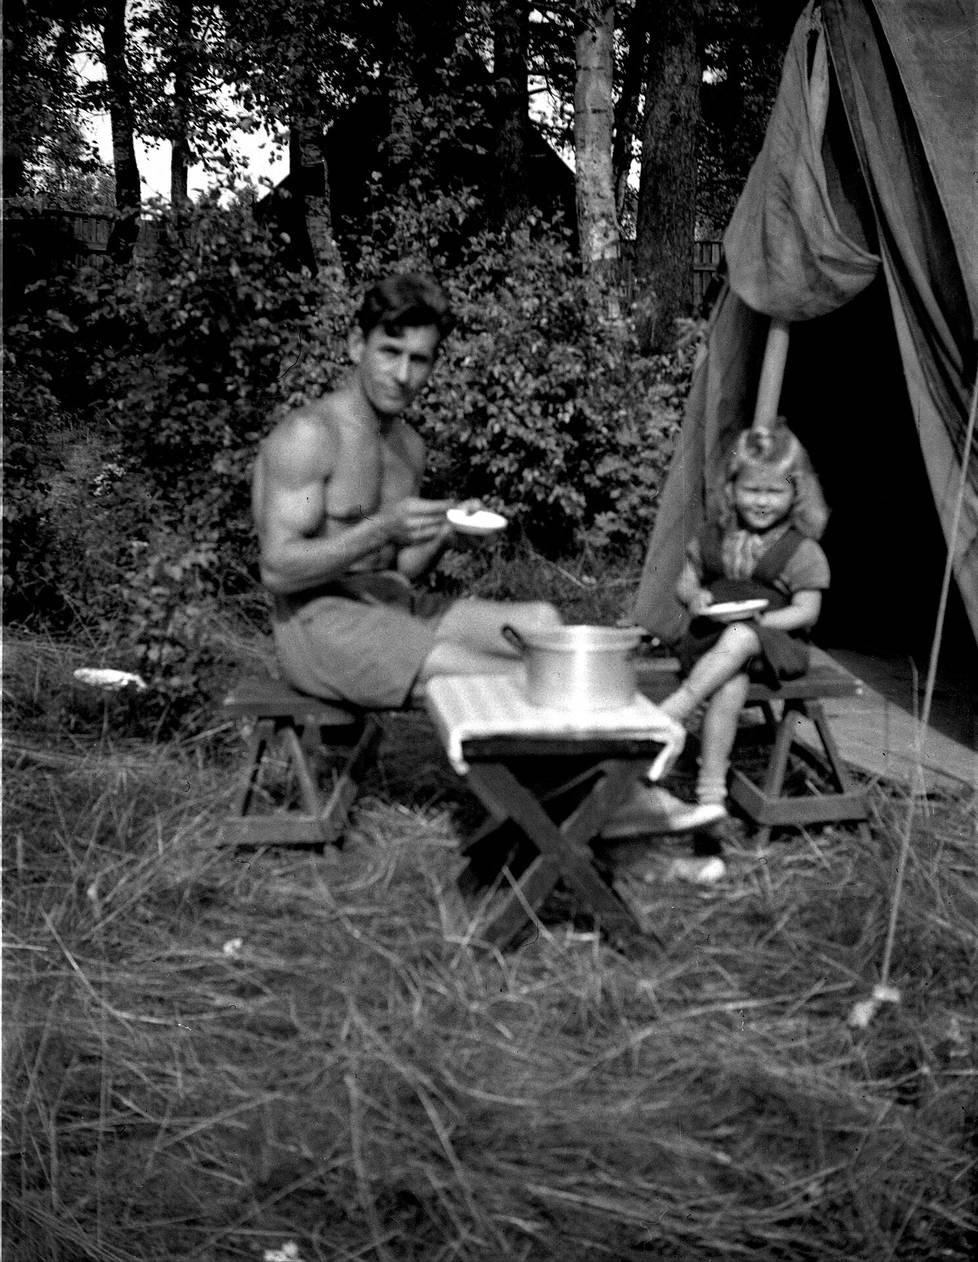 József ja Kati Pap asuivat perheineen teltassa ensimmäisen kesän Suomessa. Teltassa oli koko kesän märkää.